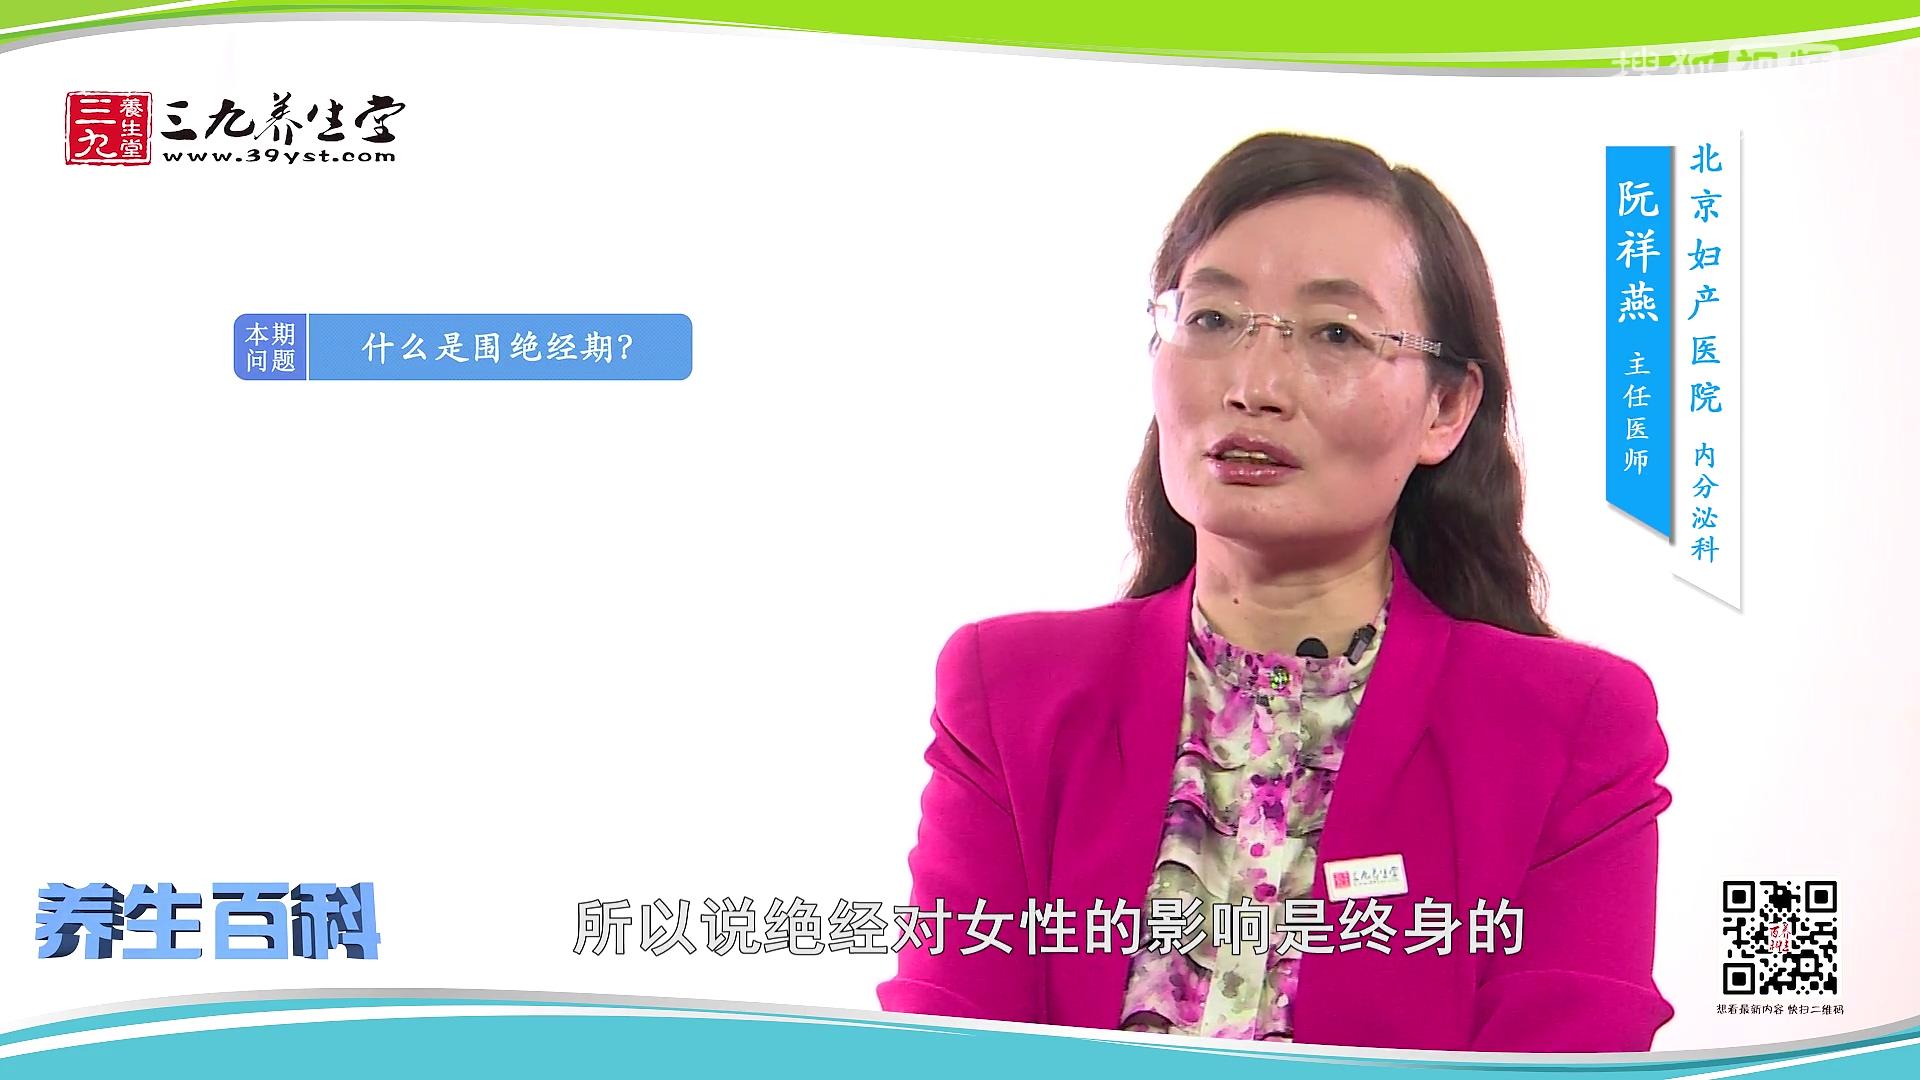 女性健康小知识_什么是围绝经期-阮祥燕-女性健康-小知识视频-搜狐视频